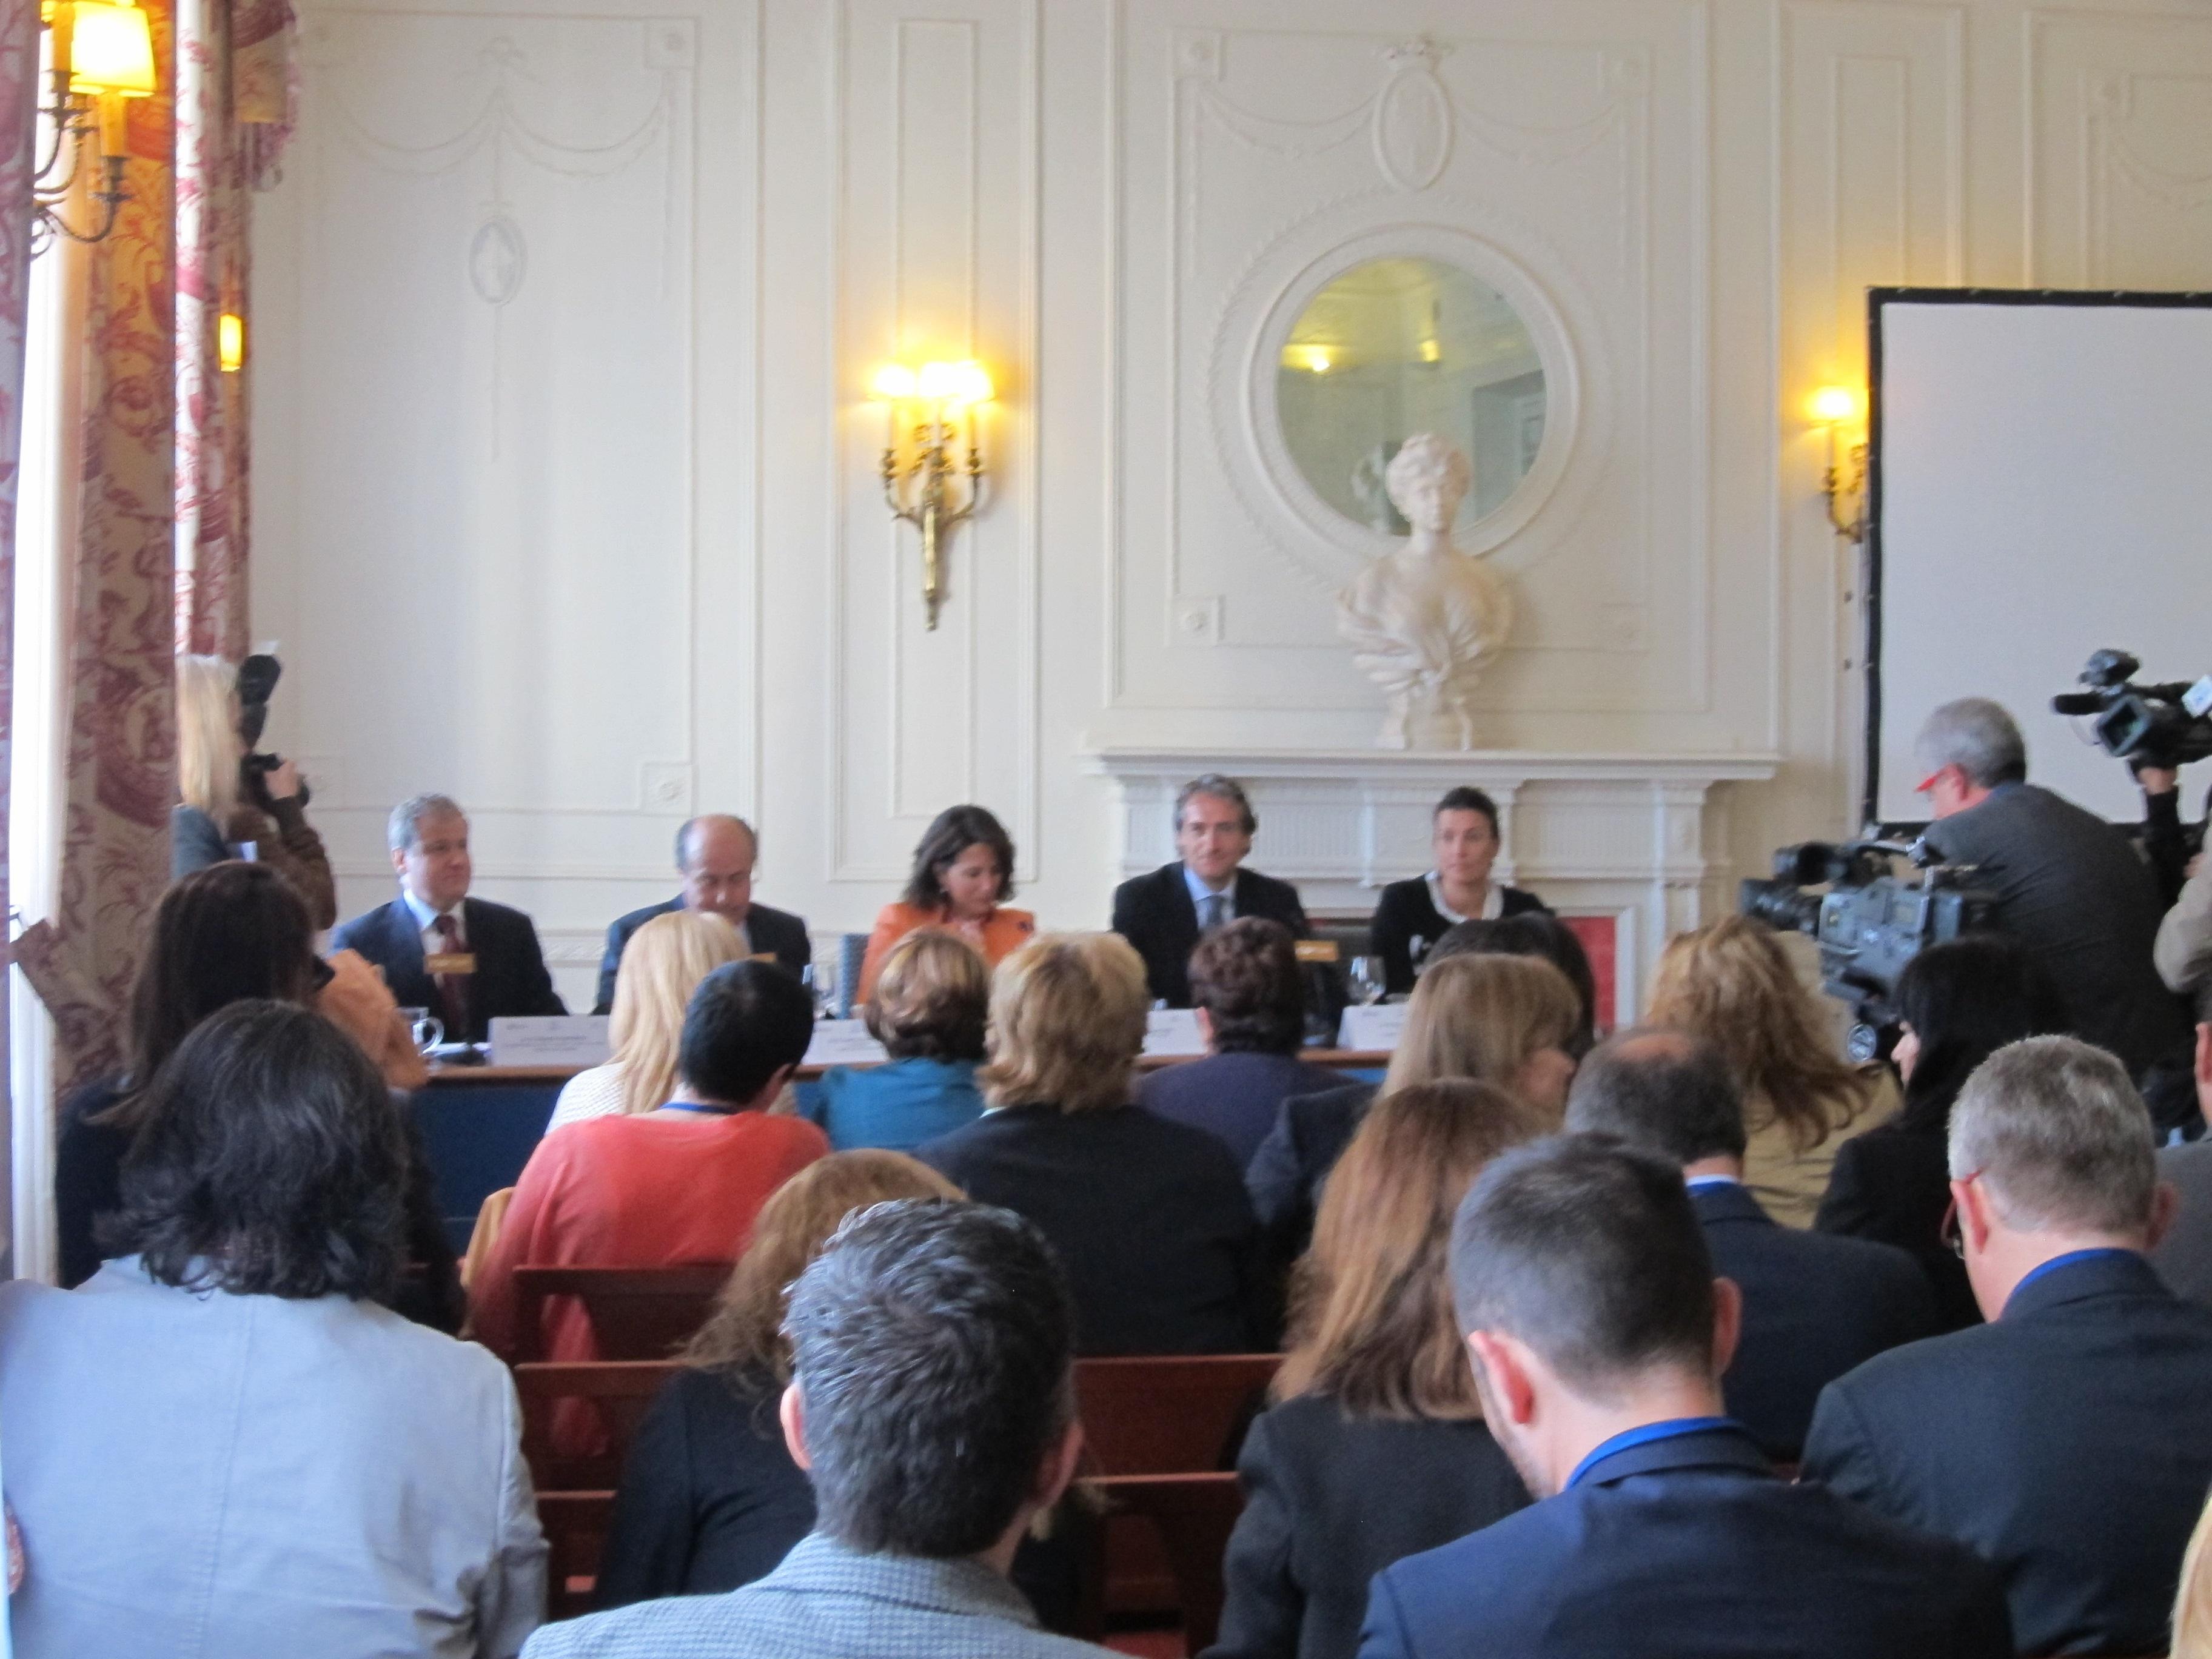 El turismo de congresos incrementa su impacto económico un 1,7% en 2012 y llega a los 5.110 millones